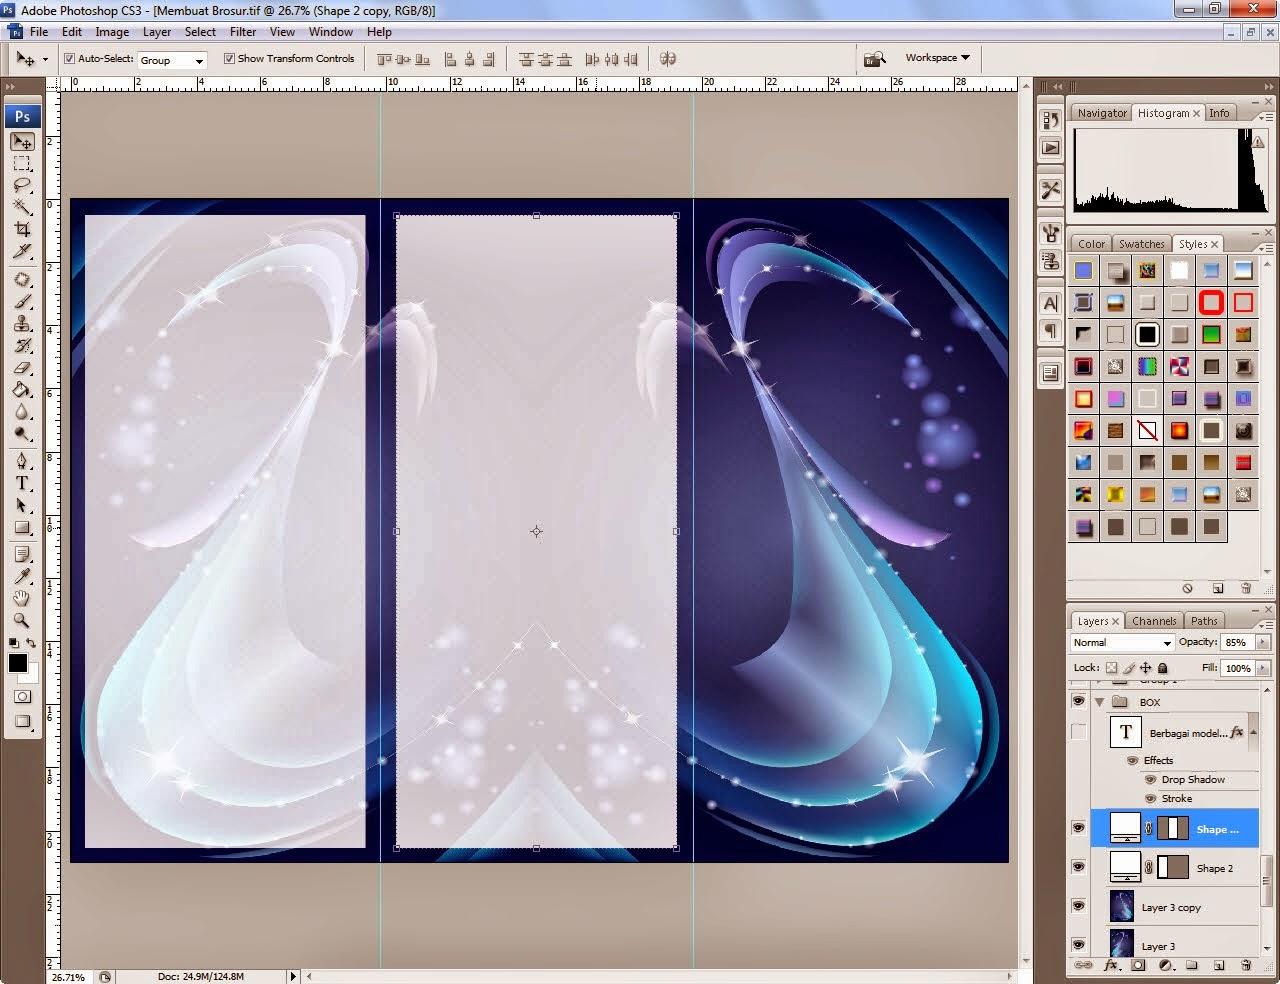 Cara membuat brosur menggunakan picsart | cara membuat ...